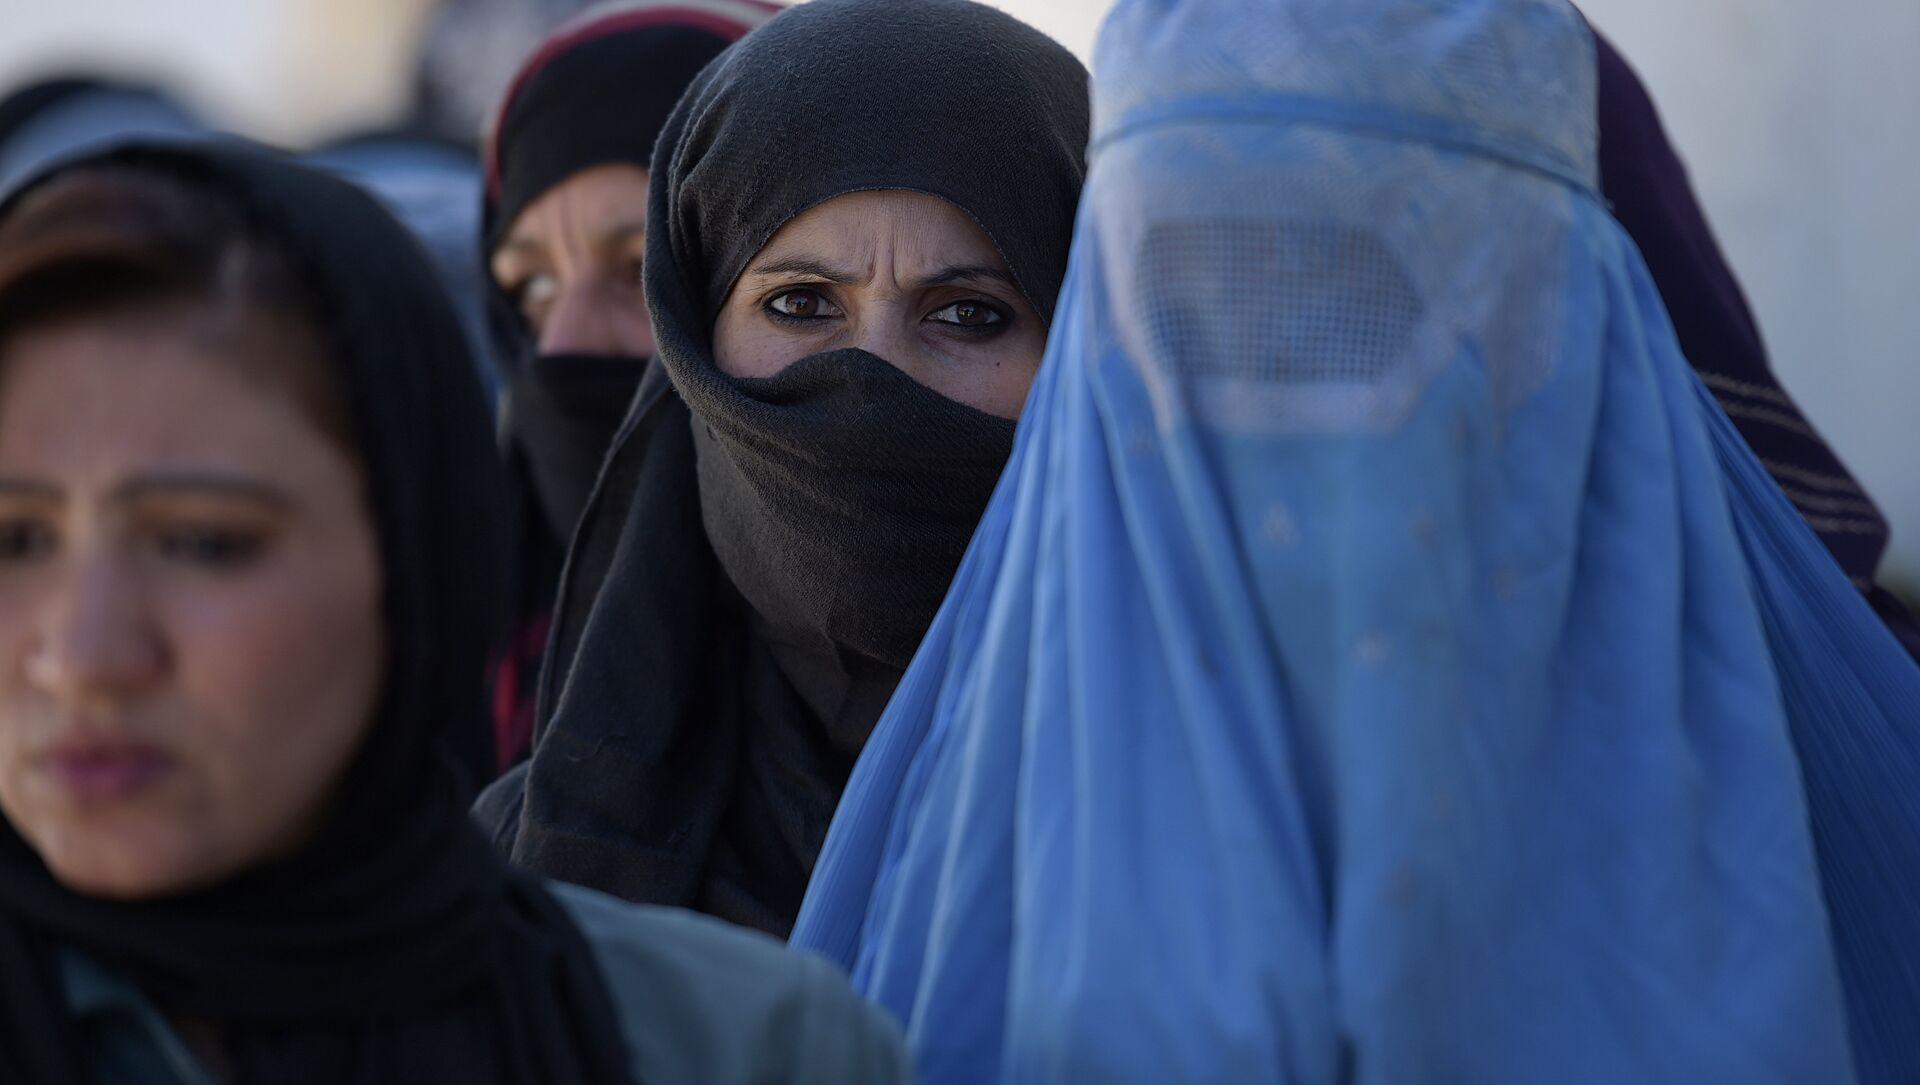 Femmes afghanes à Kaboul, 2016 - Sputnik France, 1920, 16.08.2021